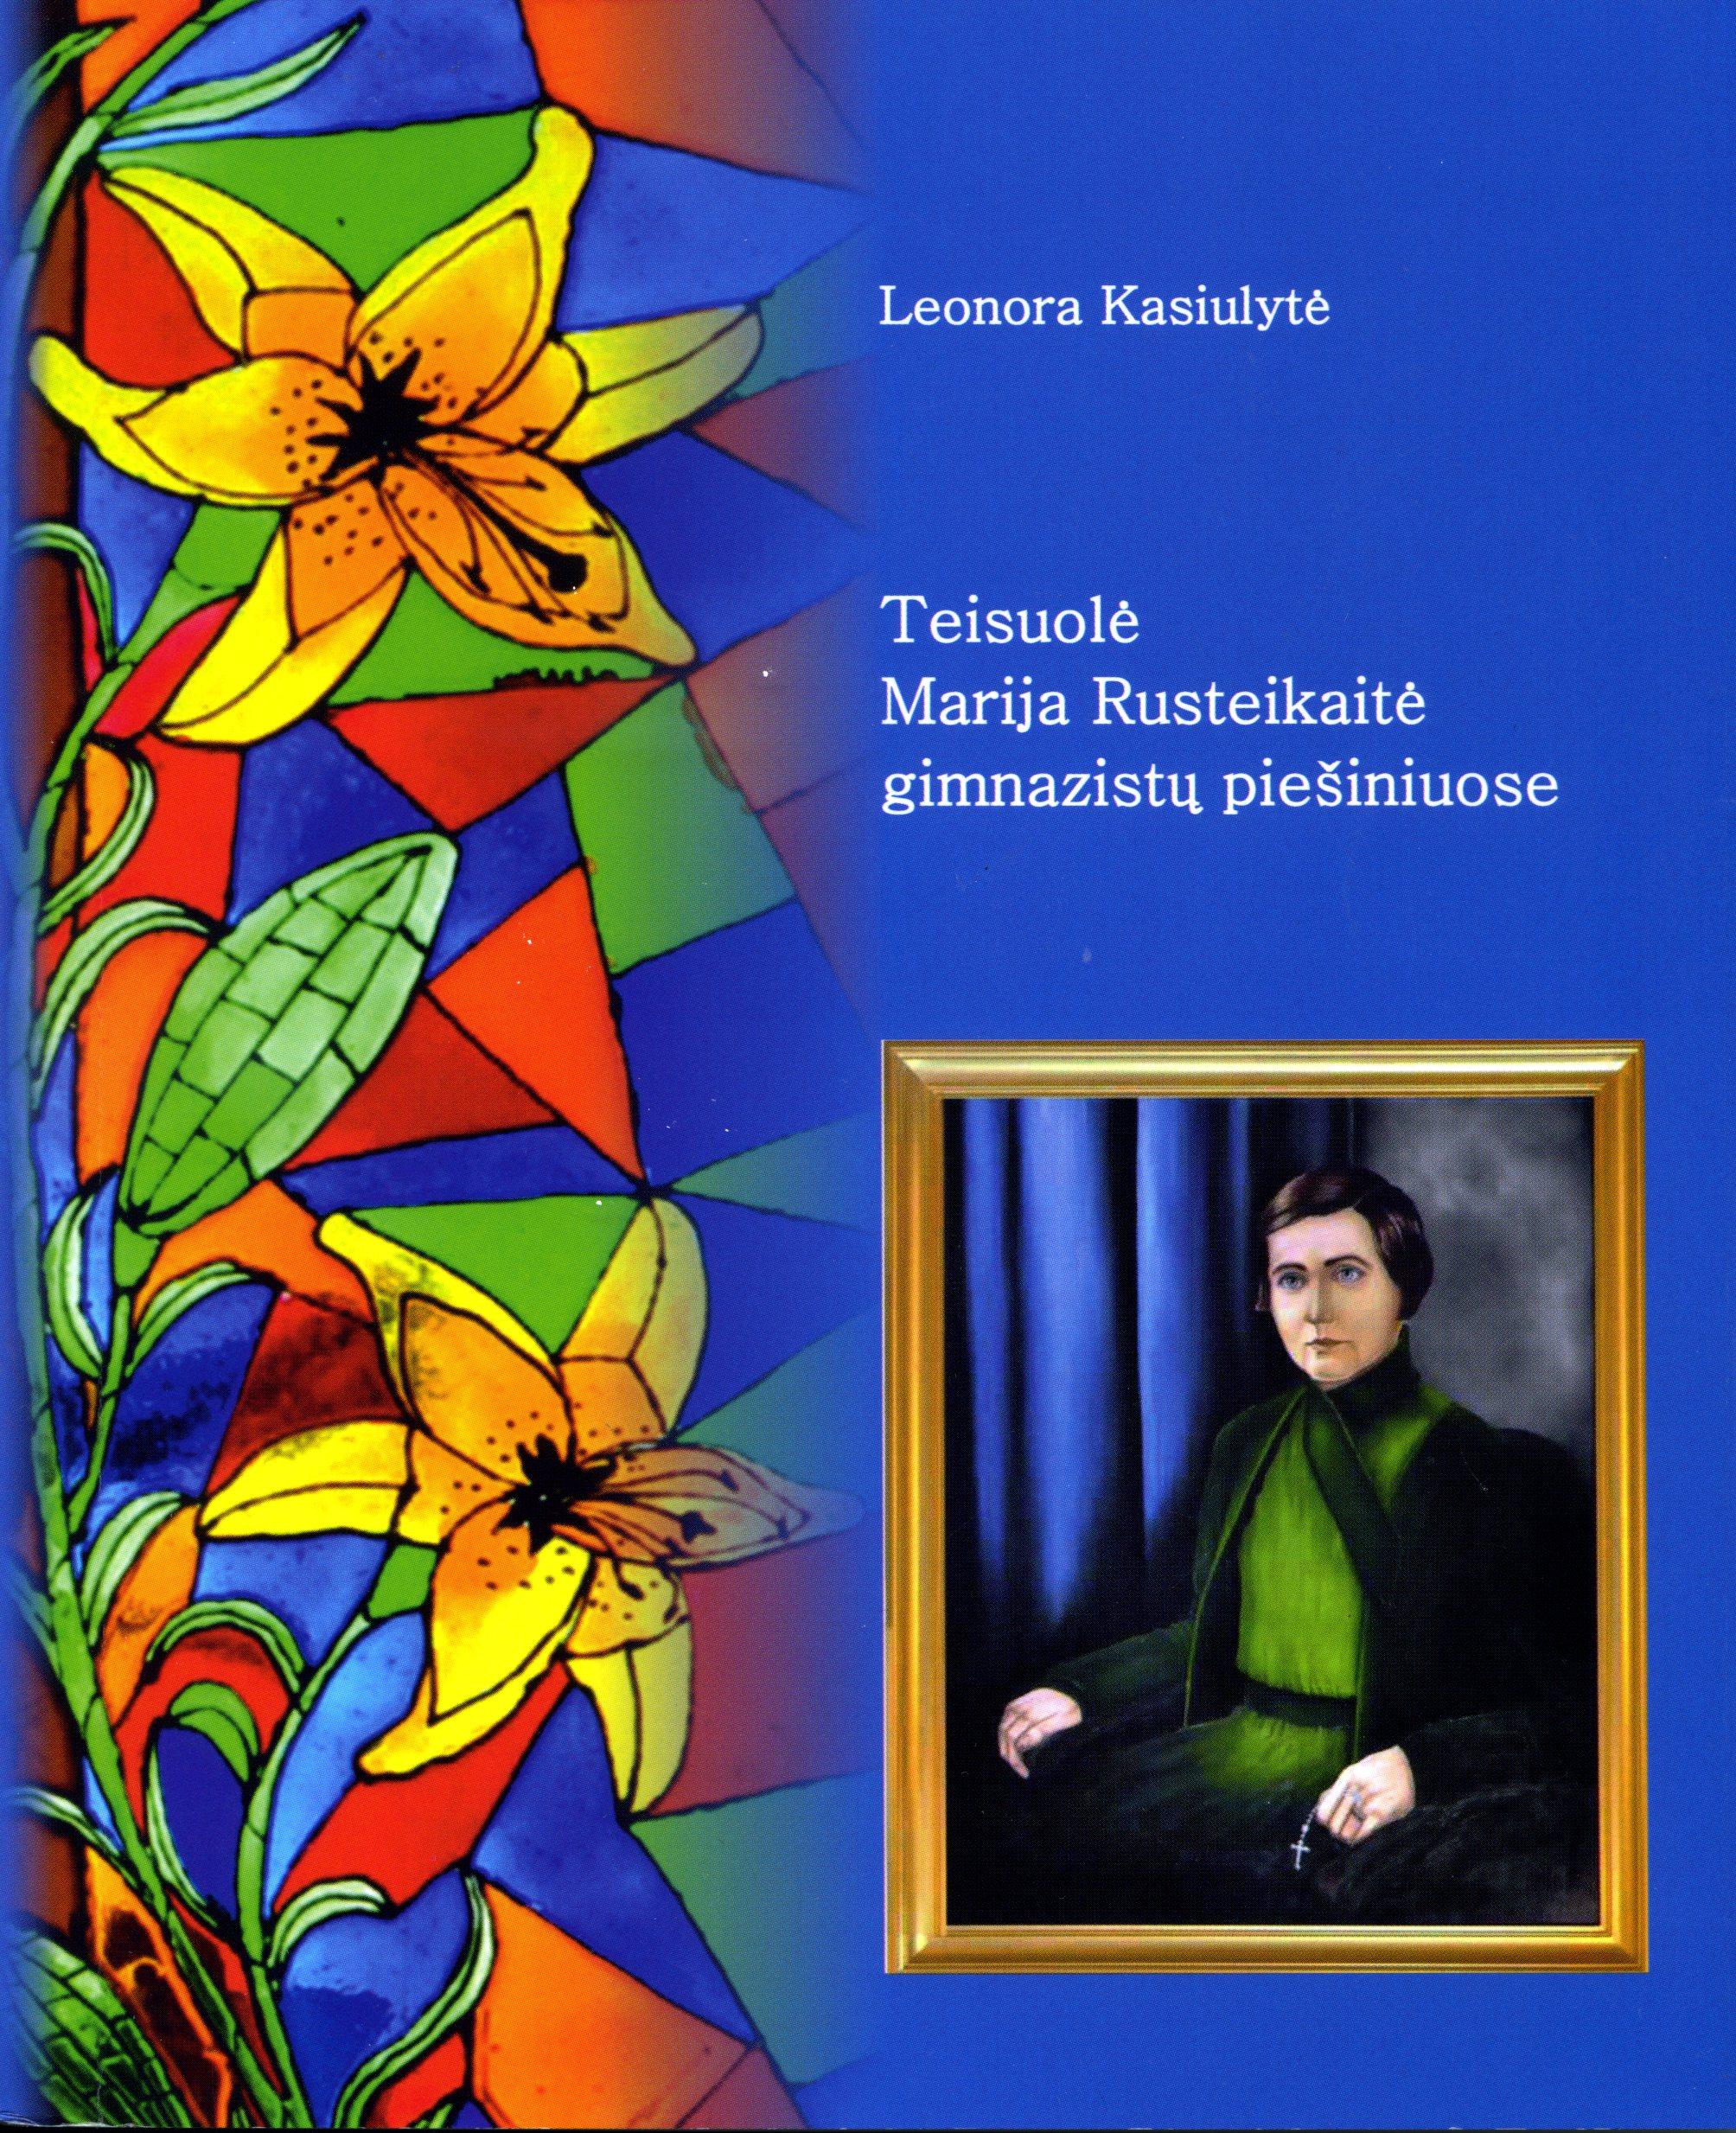 Teisuolė Marija Rusteikaitė